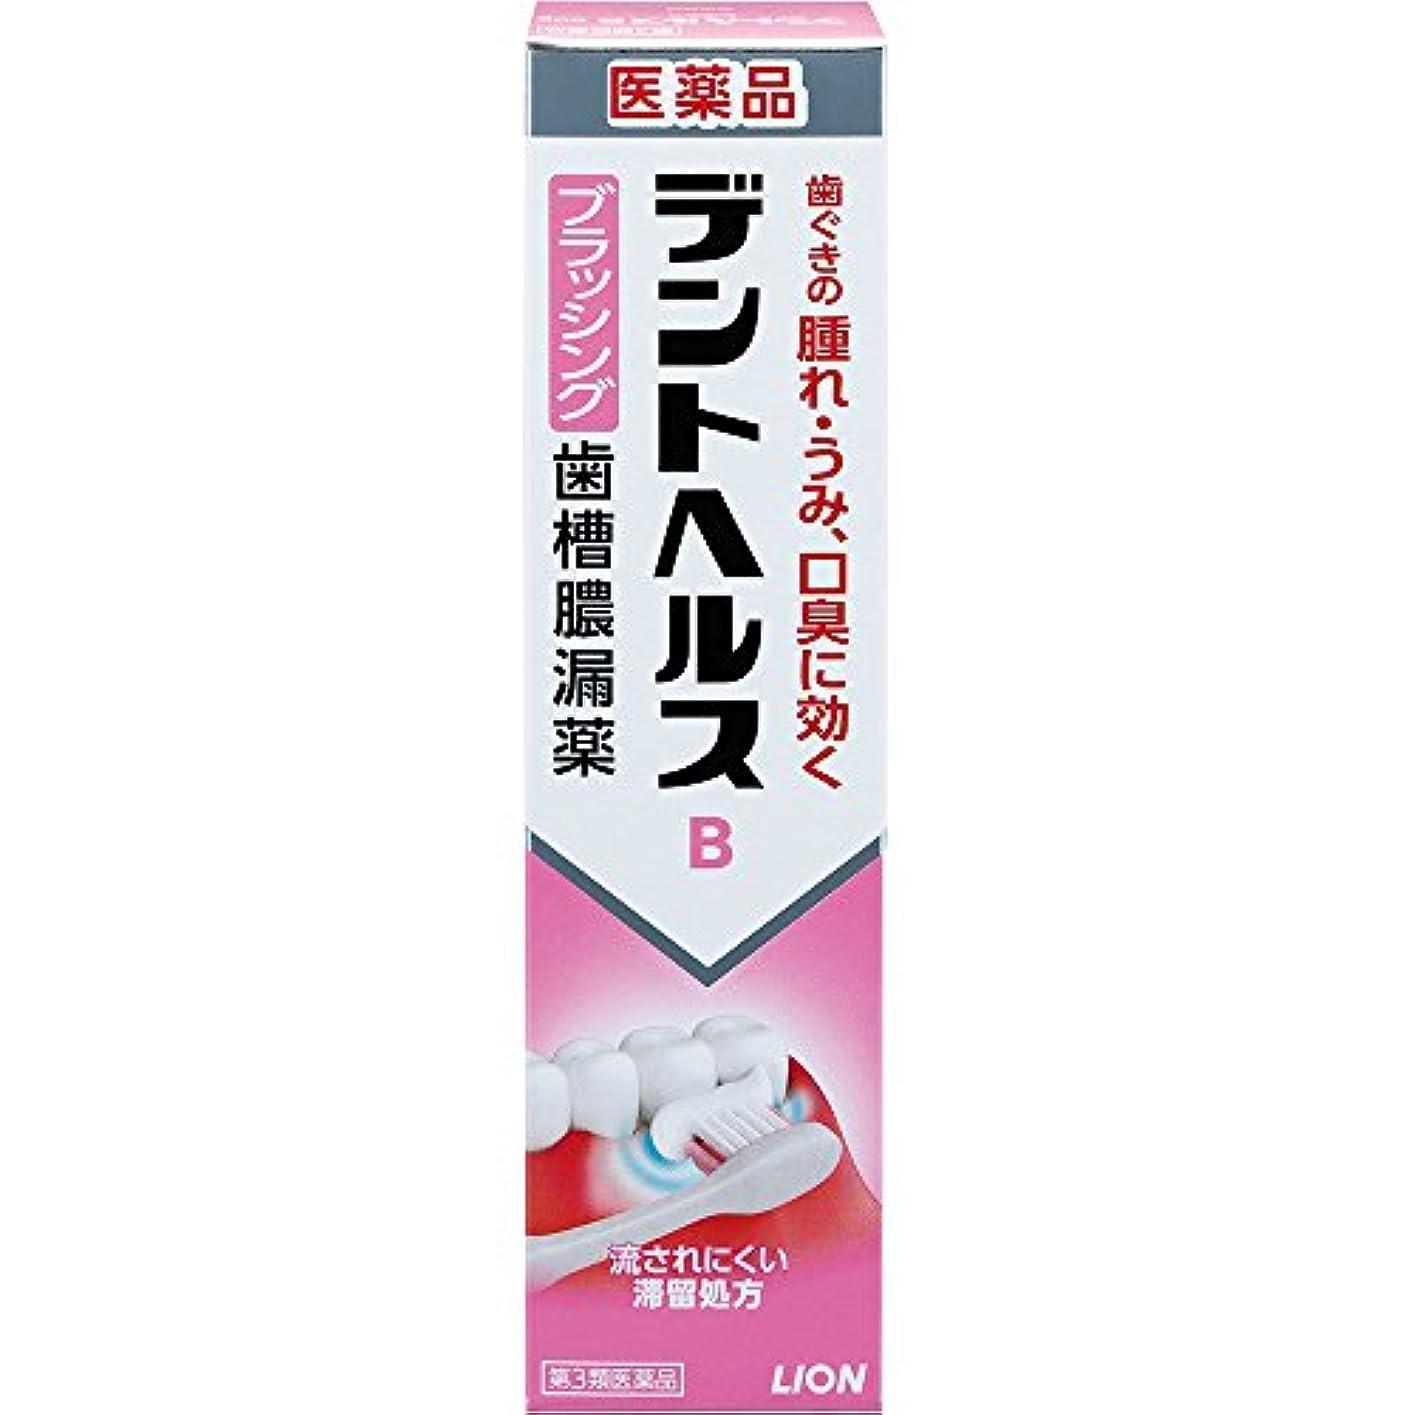 交じる敗北宝石【第3類医薬品】デントヘルスB 90g